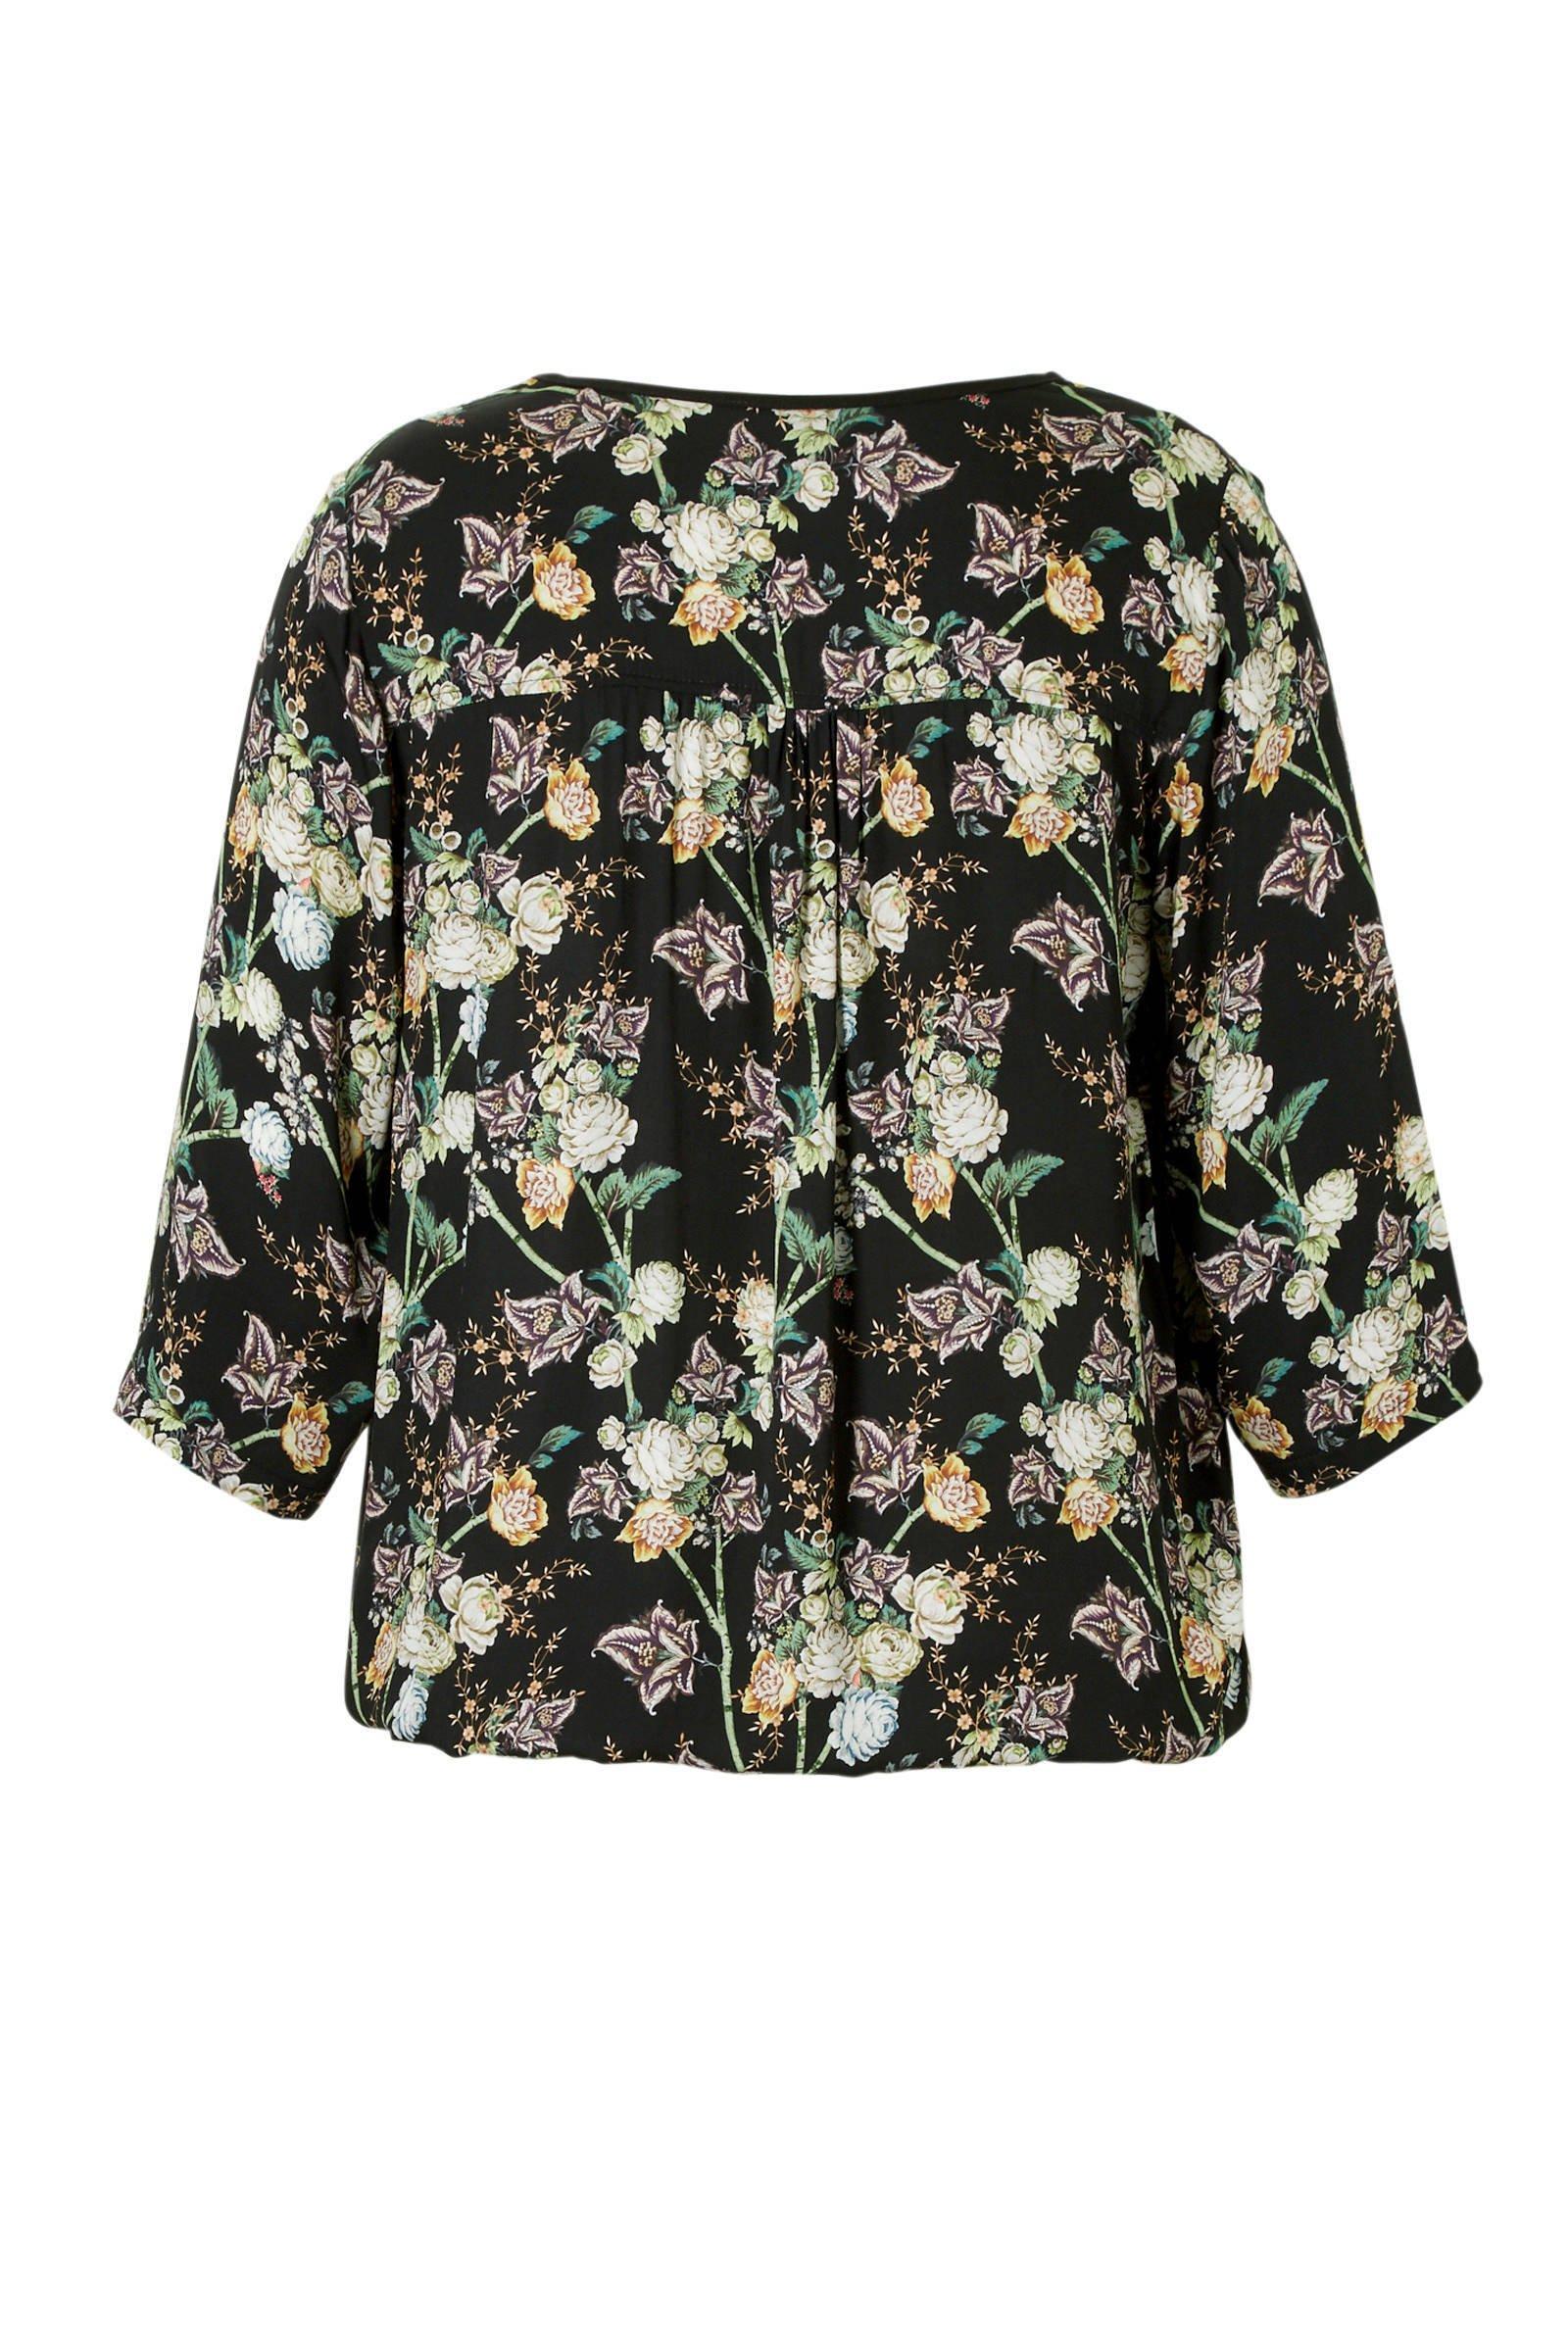 CHOISE blouse bloemenprint CHOISE met CHOISE blouse bloemenprint met met blouse blouse bloemenprint CHOISE rwqrRv